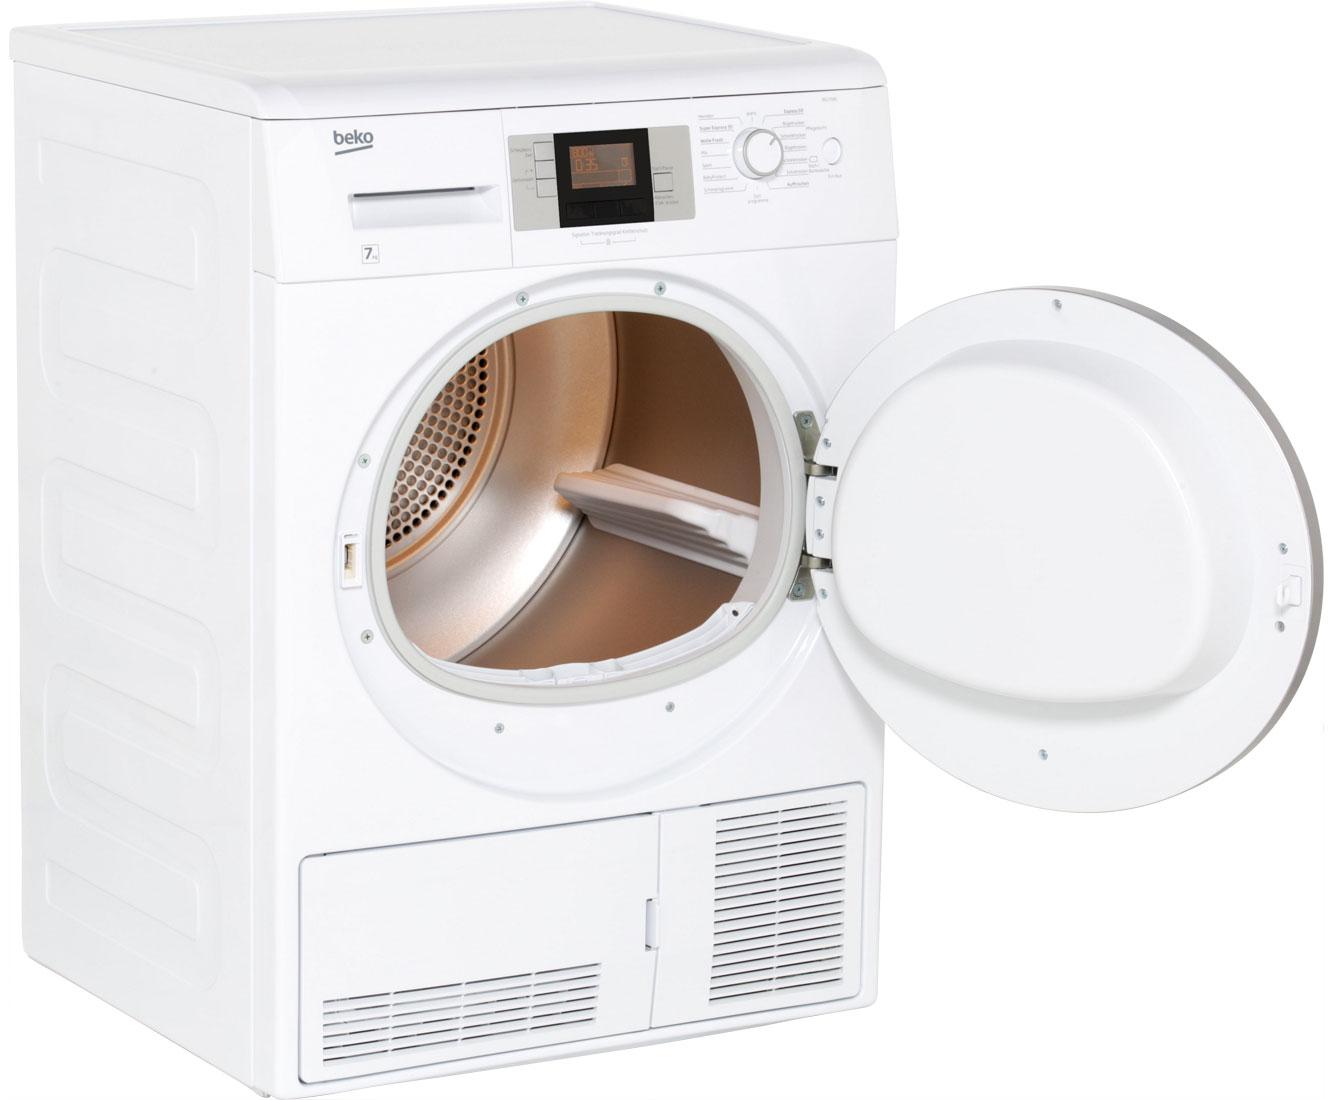 Beko dcu kondenstrockner b kg weiß